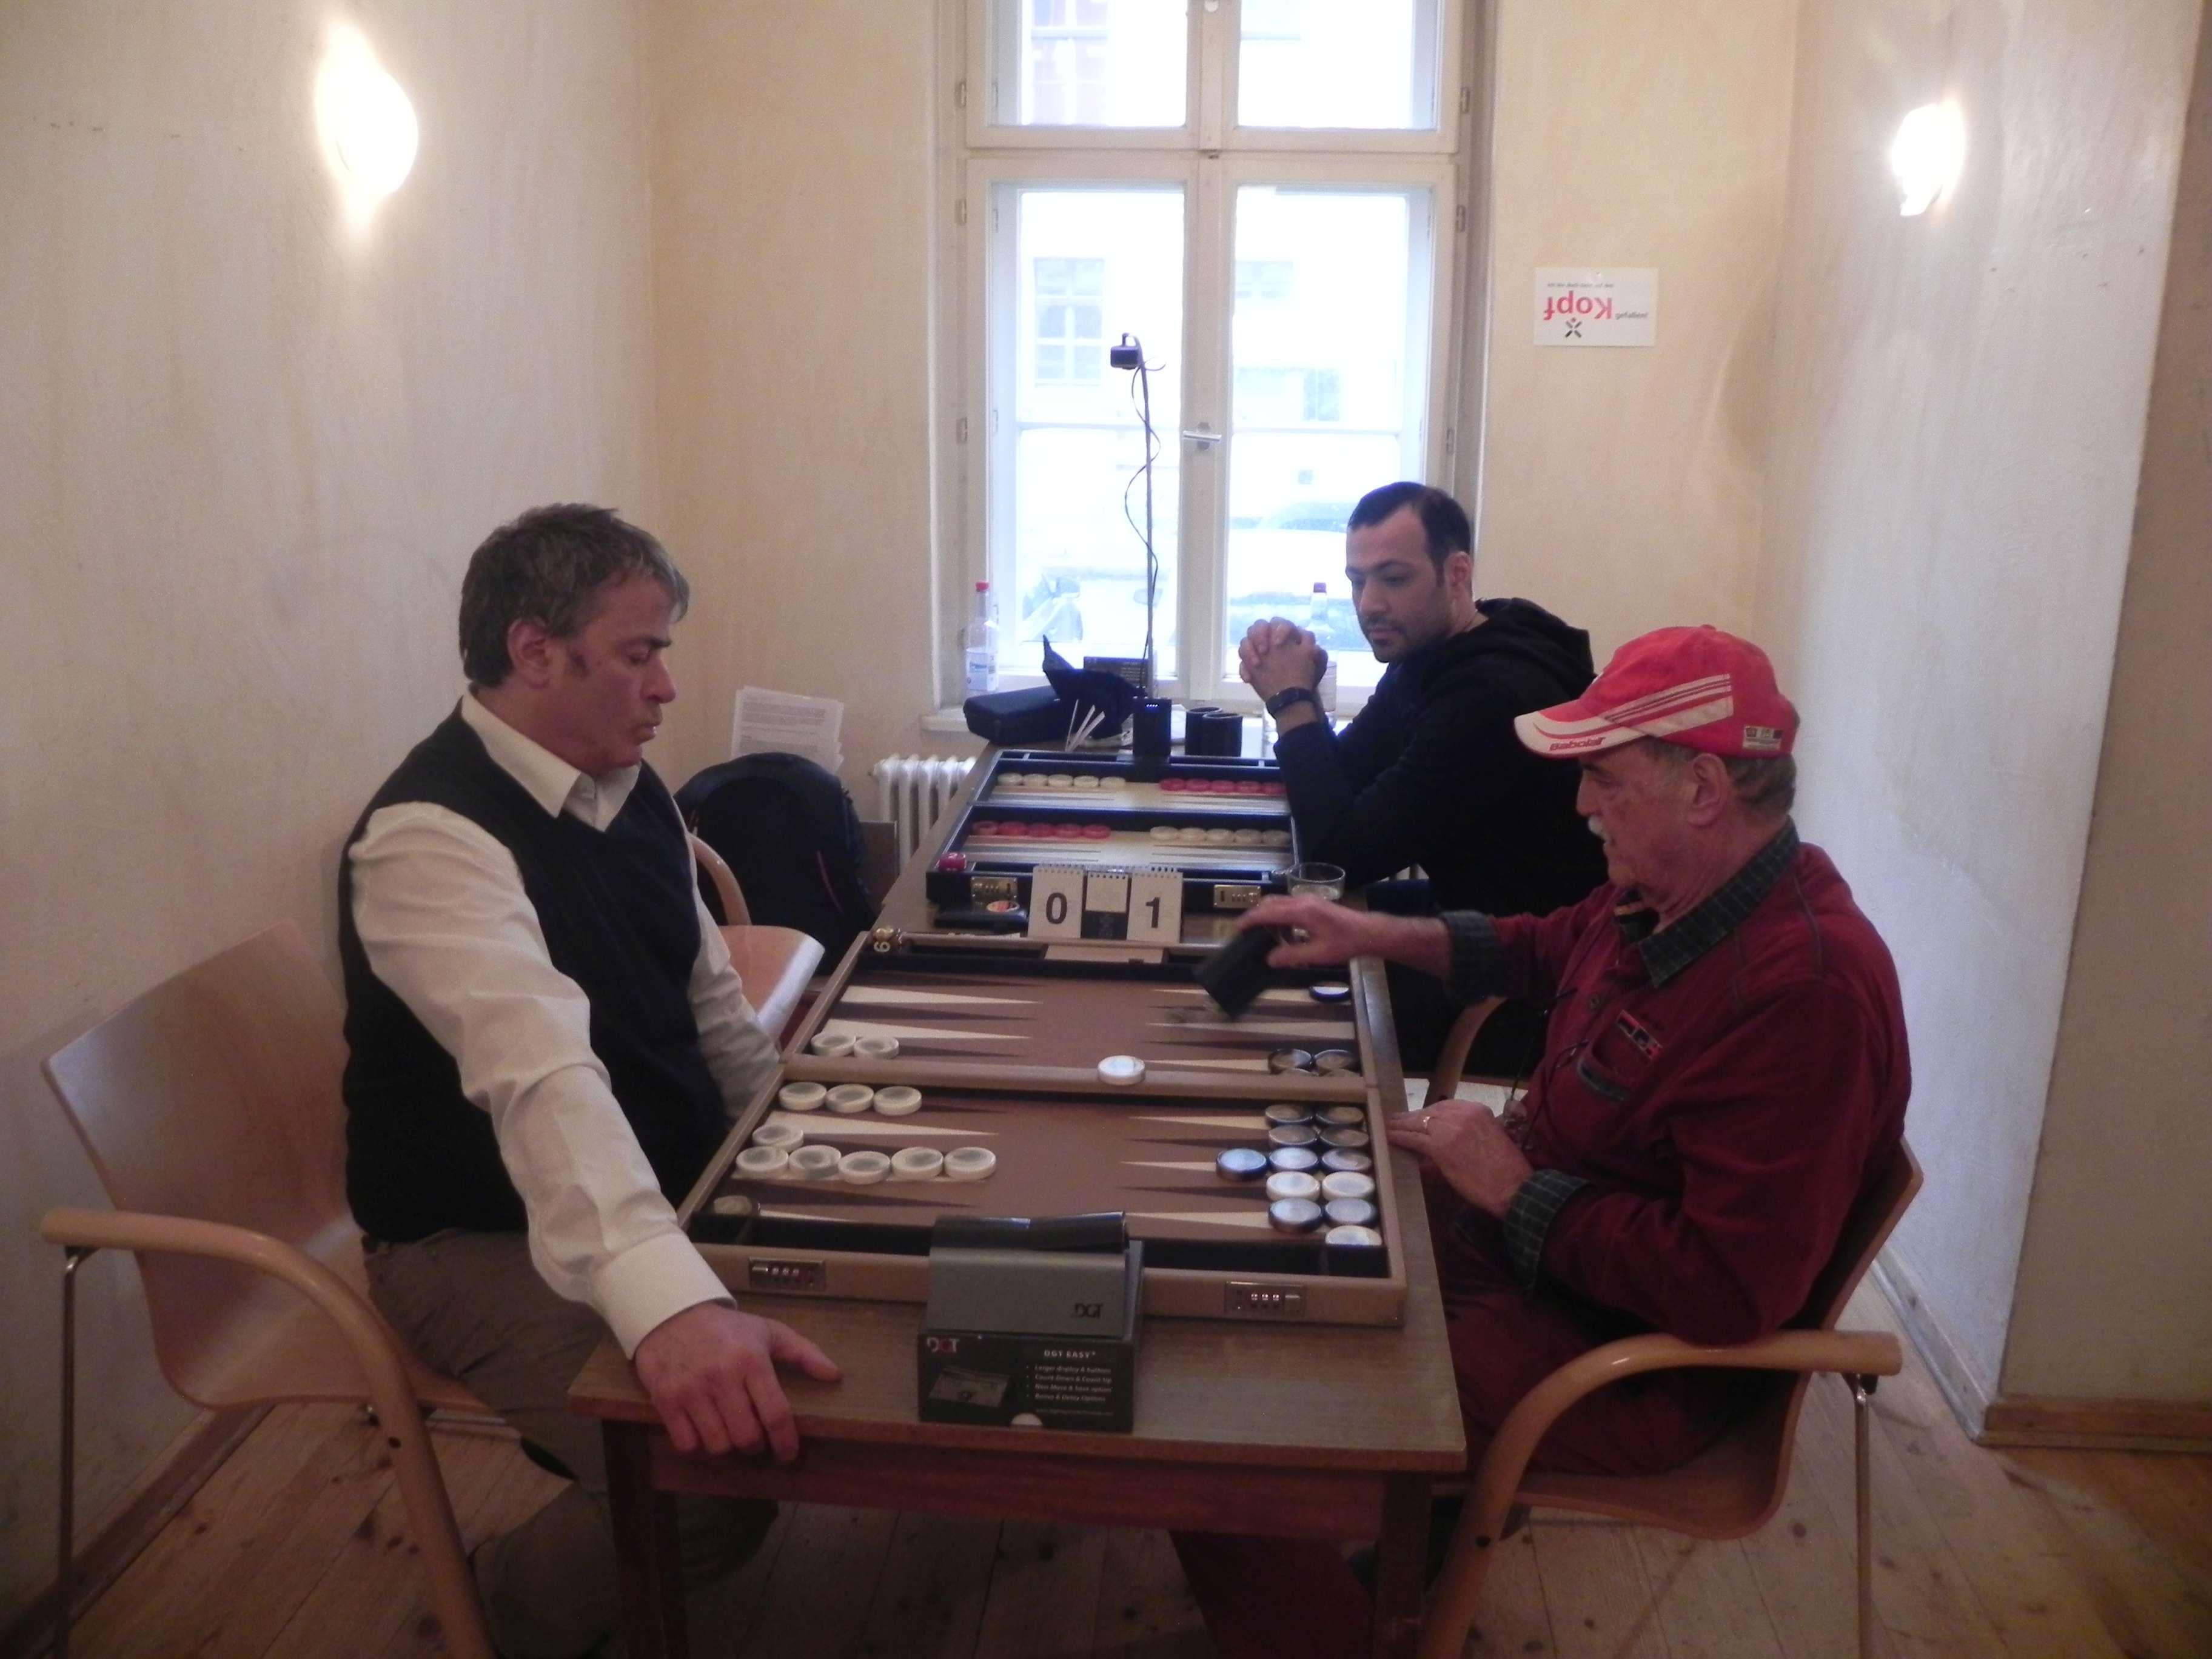 Andreas Kohlschmidt (li) und Carlo Petkovsek. Dahinter wartet Amir Golshani auf seinen Gegner, den Turnierleiter, der als Paparazzo noch eine Runde durchs Spiellokal dreht